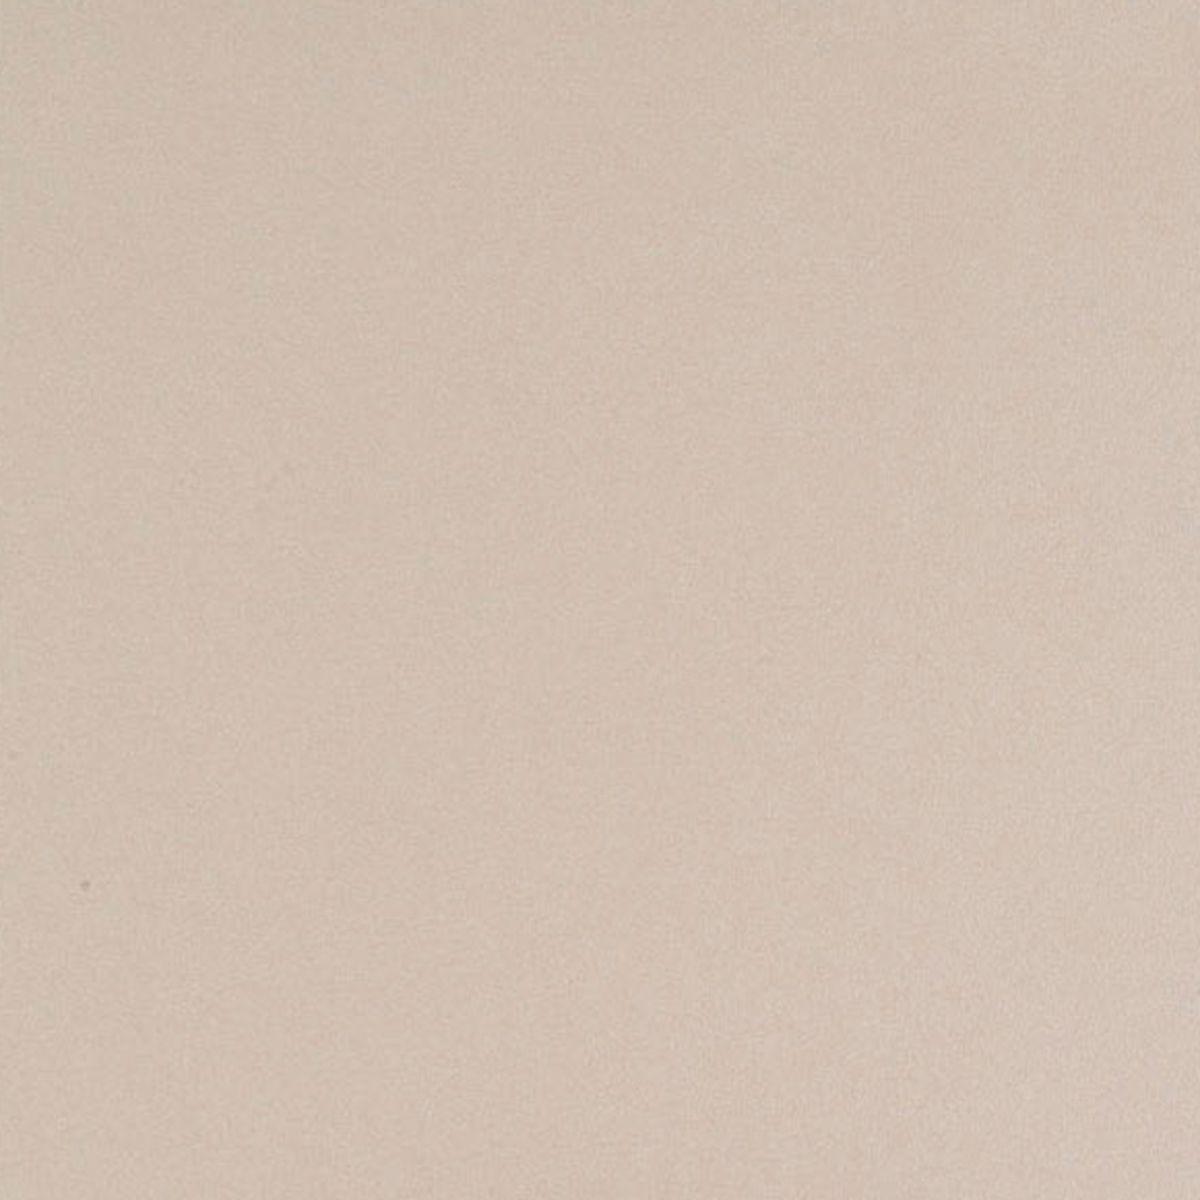 Meuble WOODSTOCK 2 portes argile 120 cm réf. 112070554